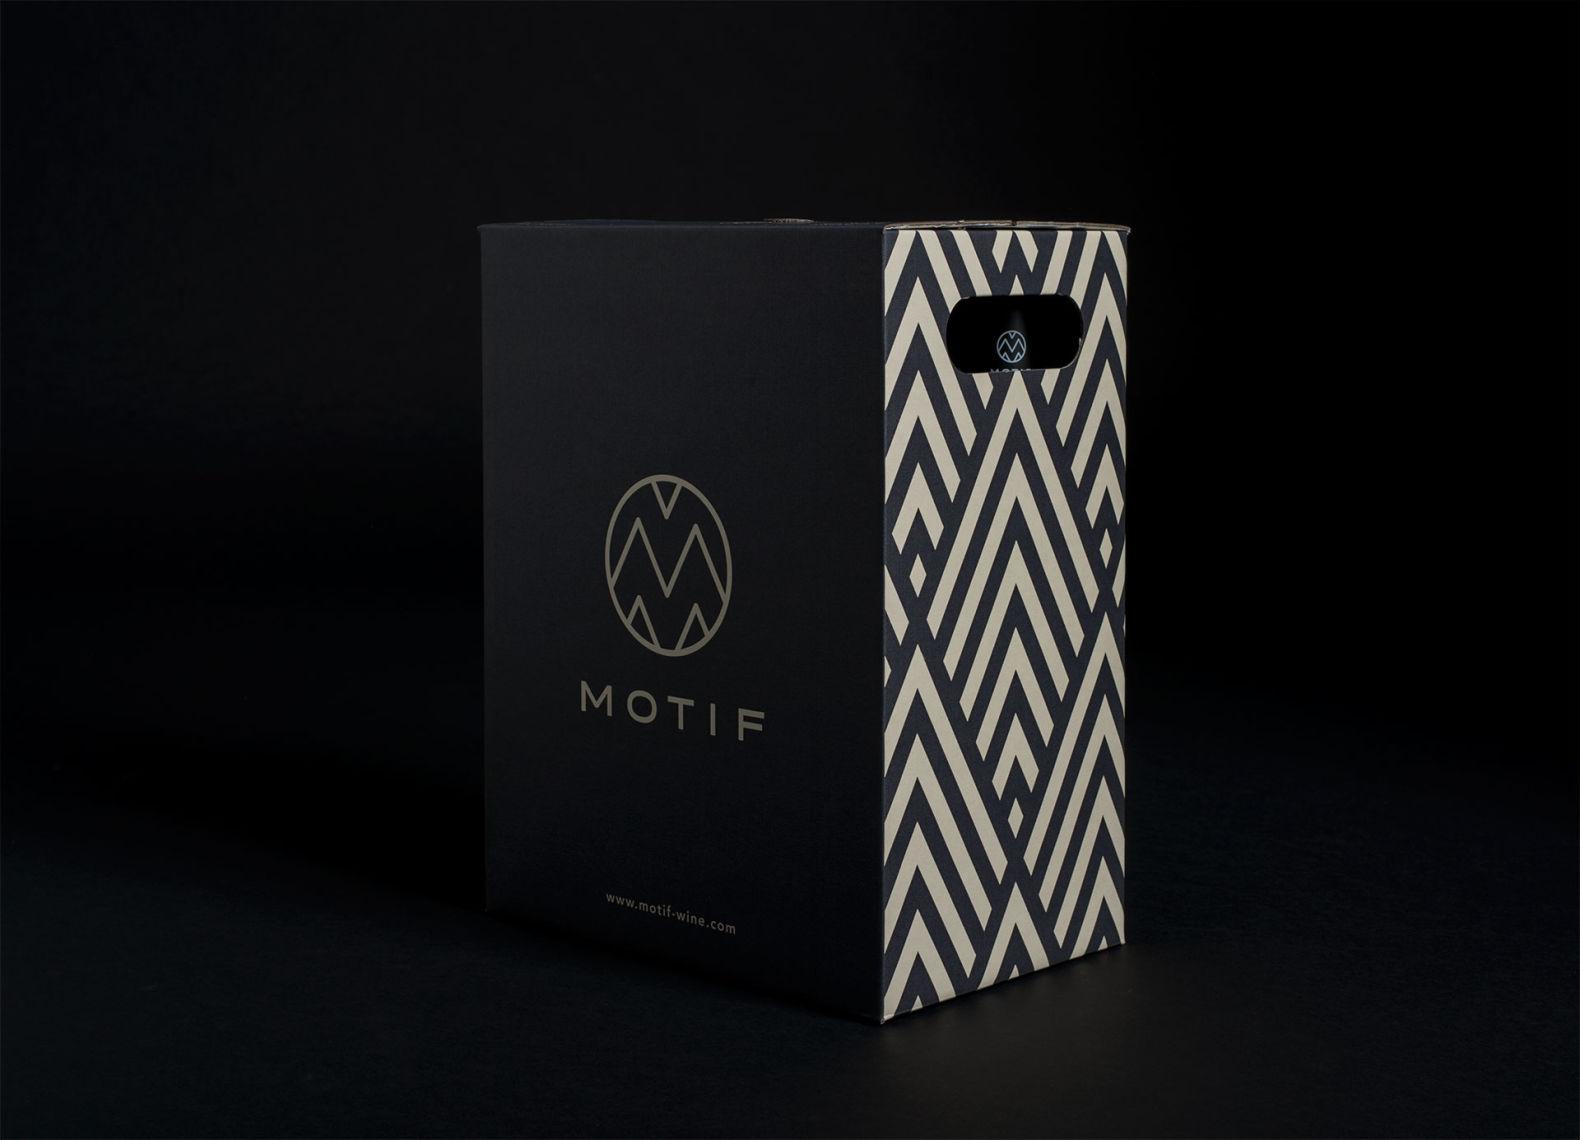 motif-3-1580x1140